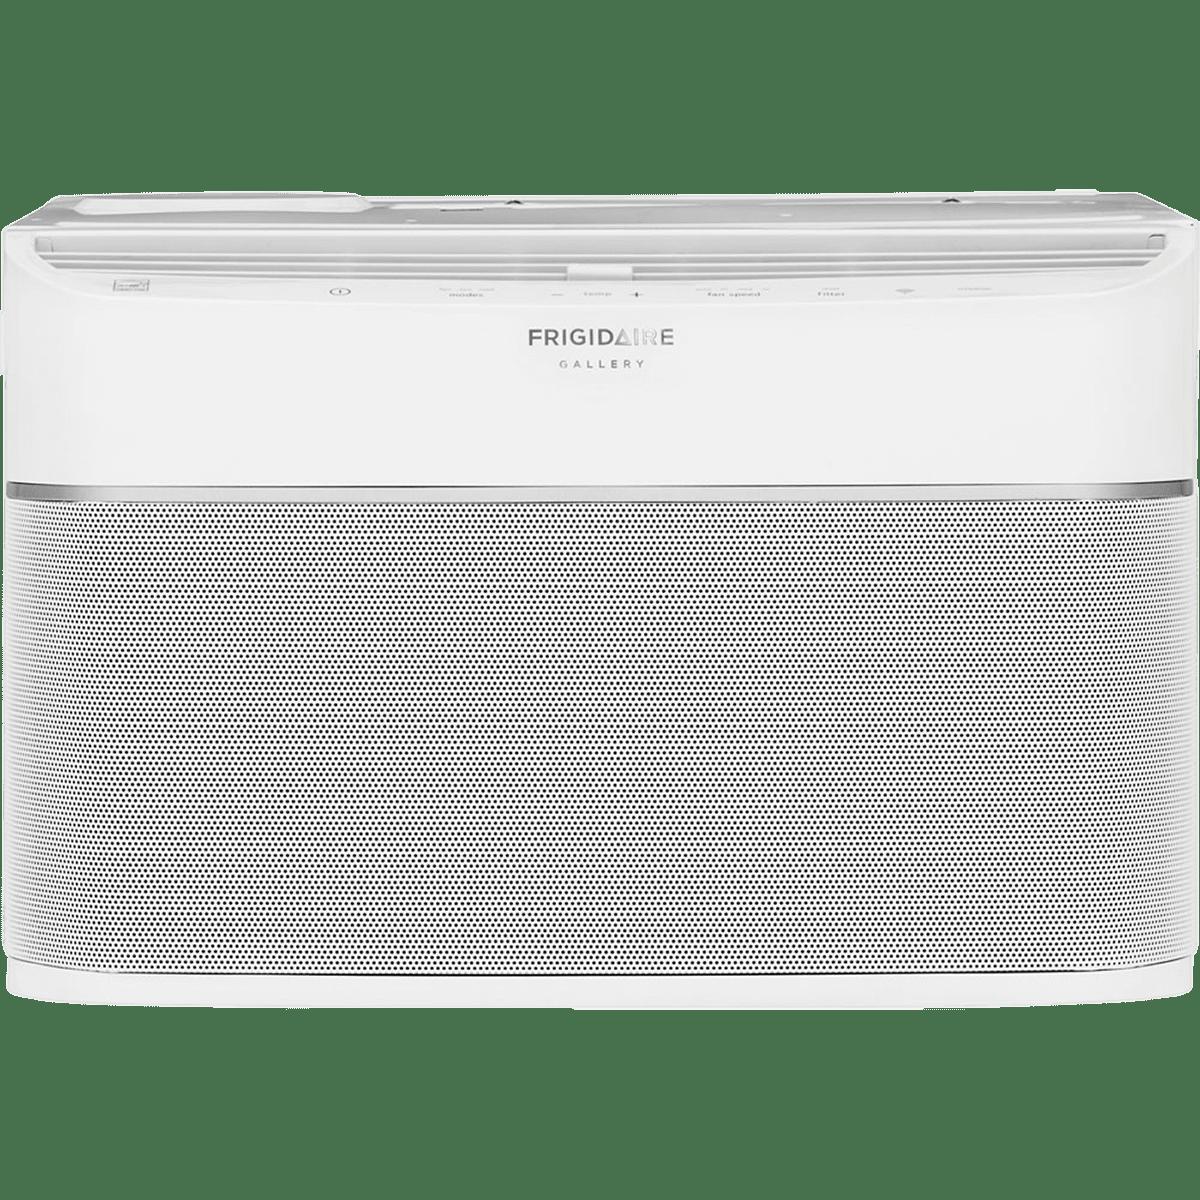 Frigidaire fgrc1244t1 window air conditioner sylvane for 12k btu window air conditioner